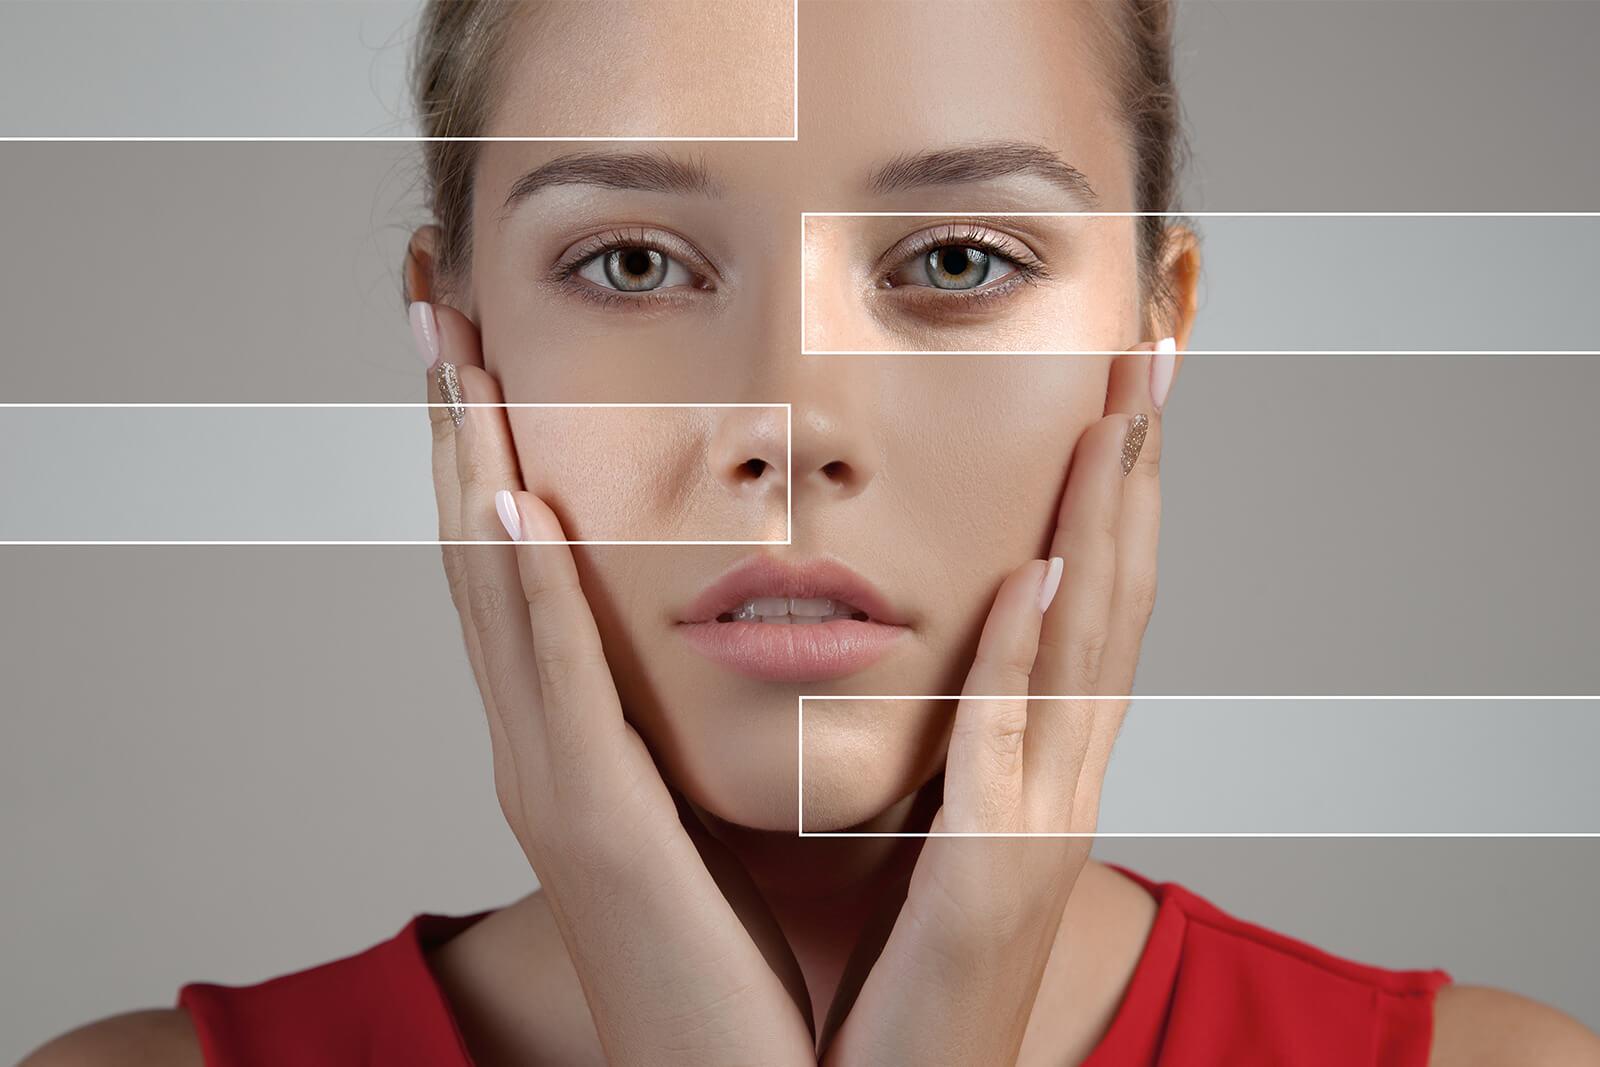 visage - Peau sans éclat, sécheresse cutanée, pores dilatés 1